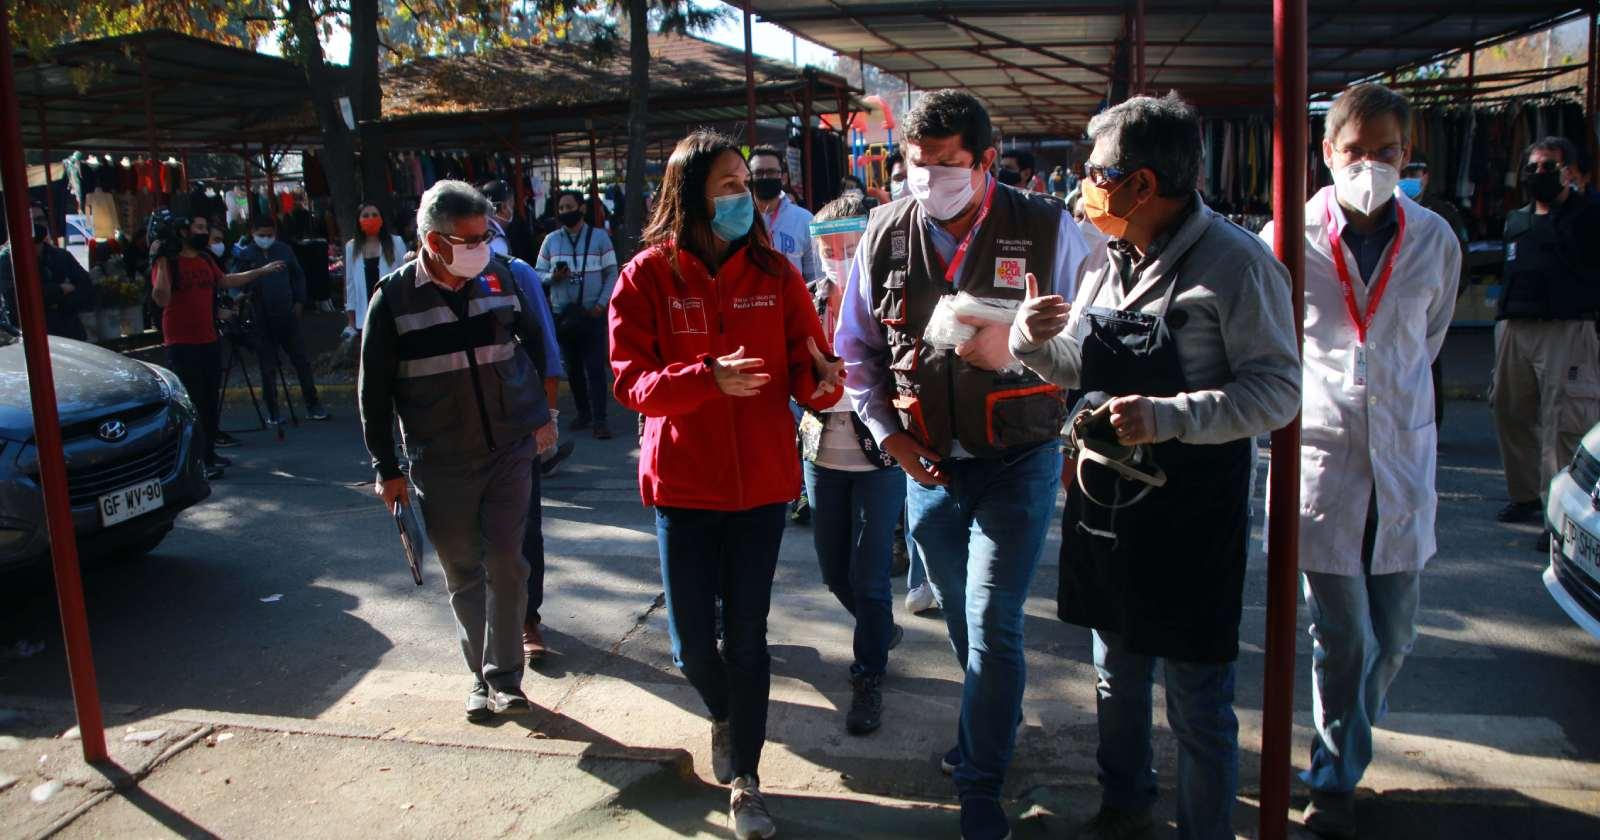 Seremi de Salud RM realizó balance de fiscalizaciones por coronavirus